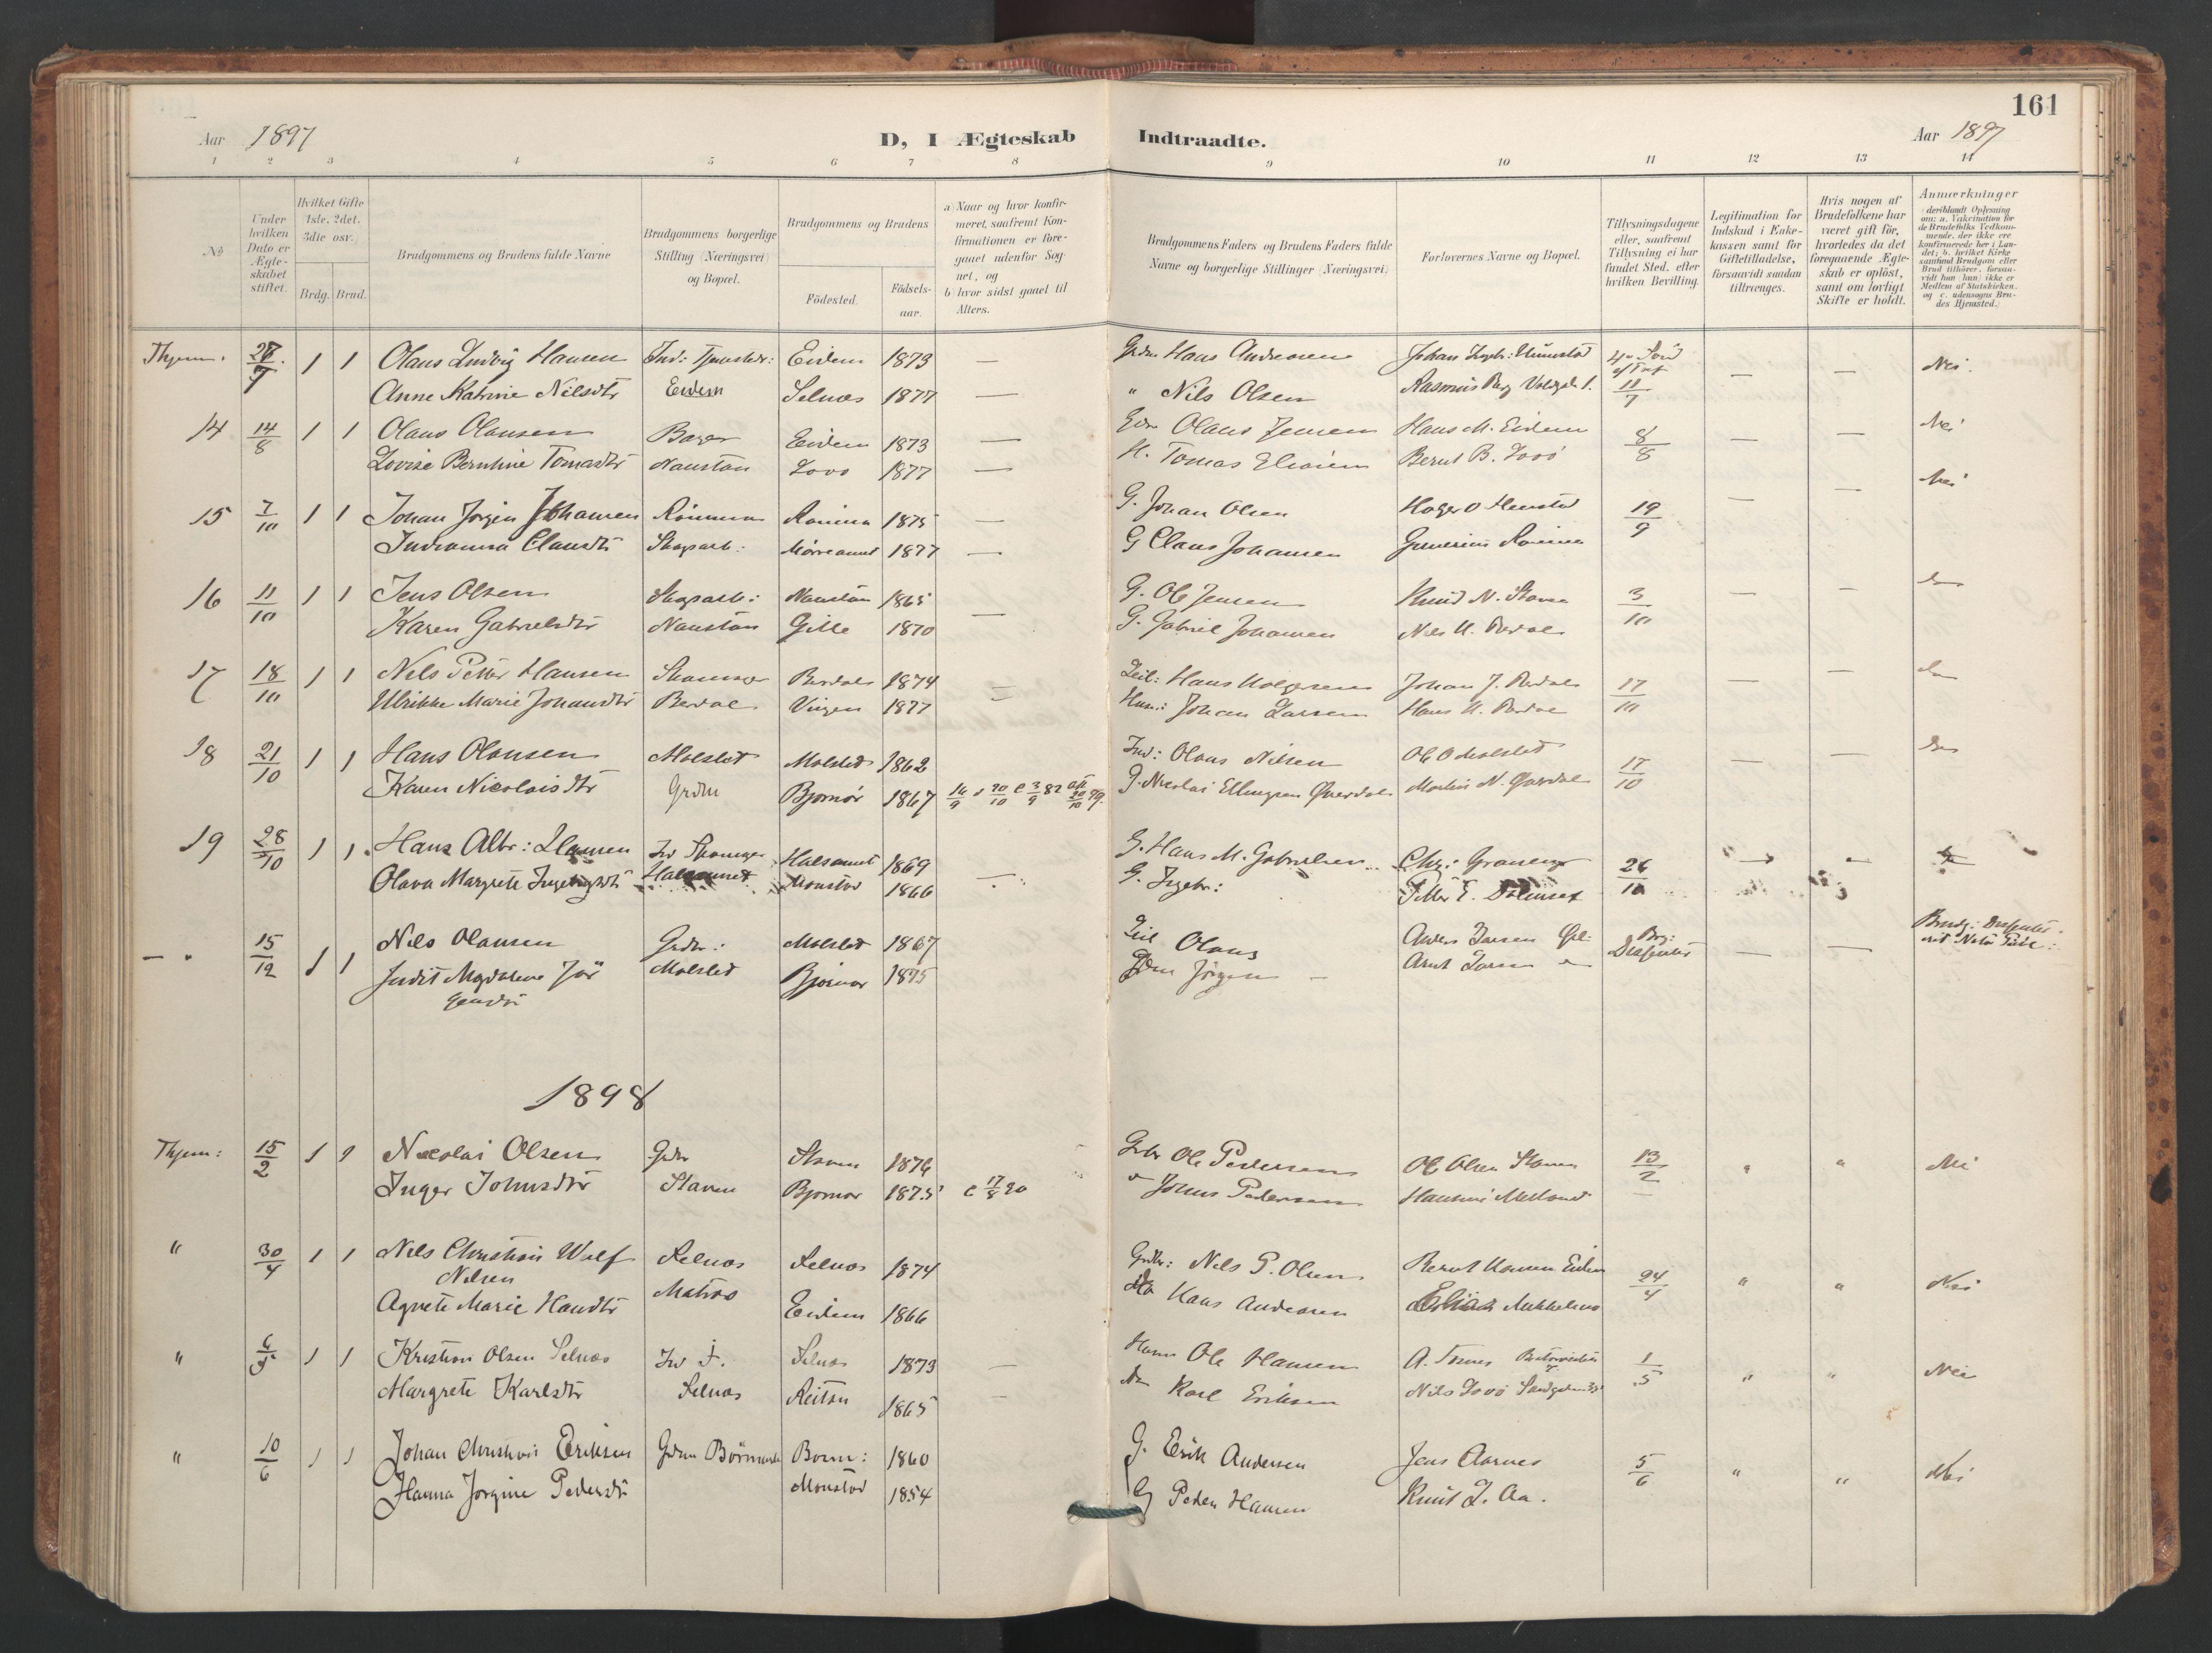 SAT, Ministerialprotokoller, klokkerbøker og fødselsregistre - Sør-Trøndelag, 655/L0681: Ministerialbok nr. 655A10, 1895-1907, s. 161